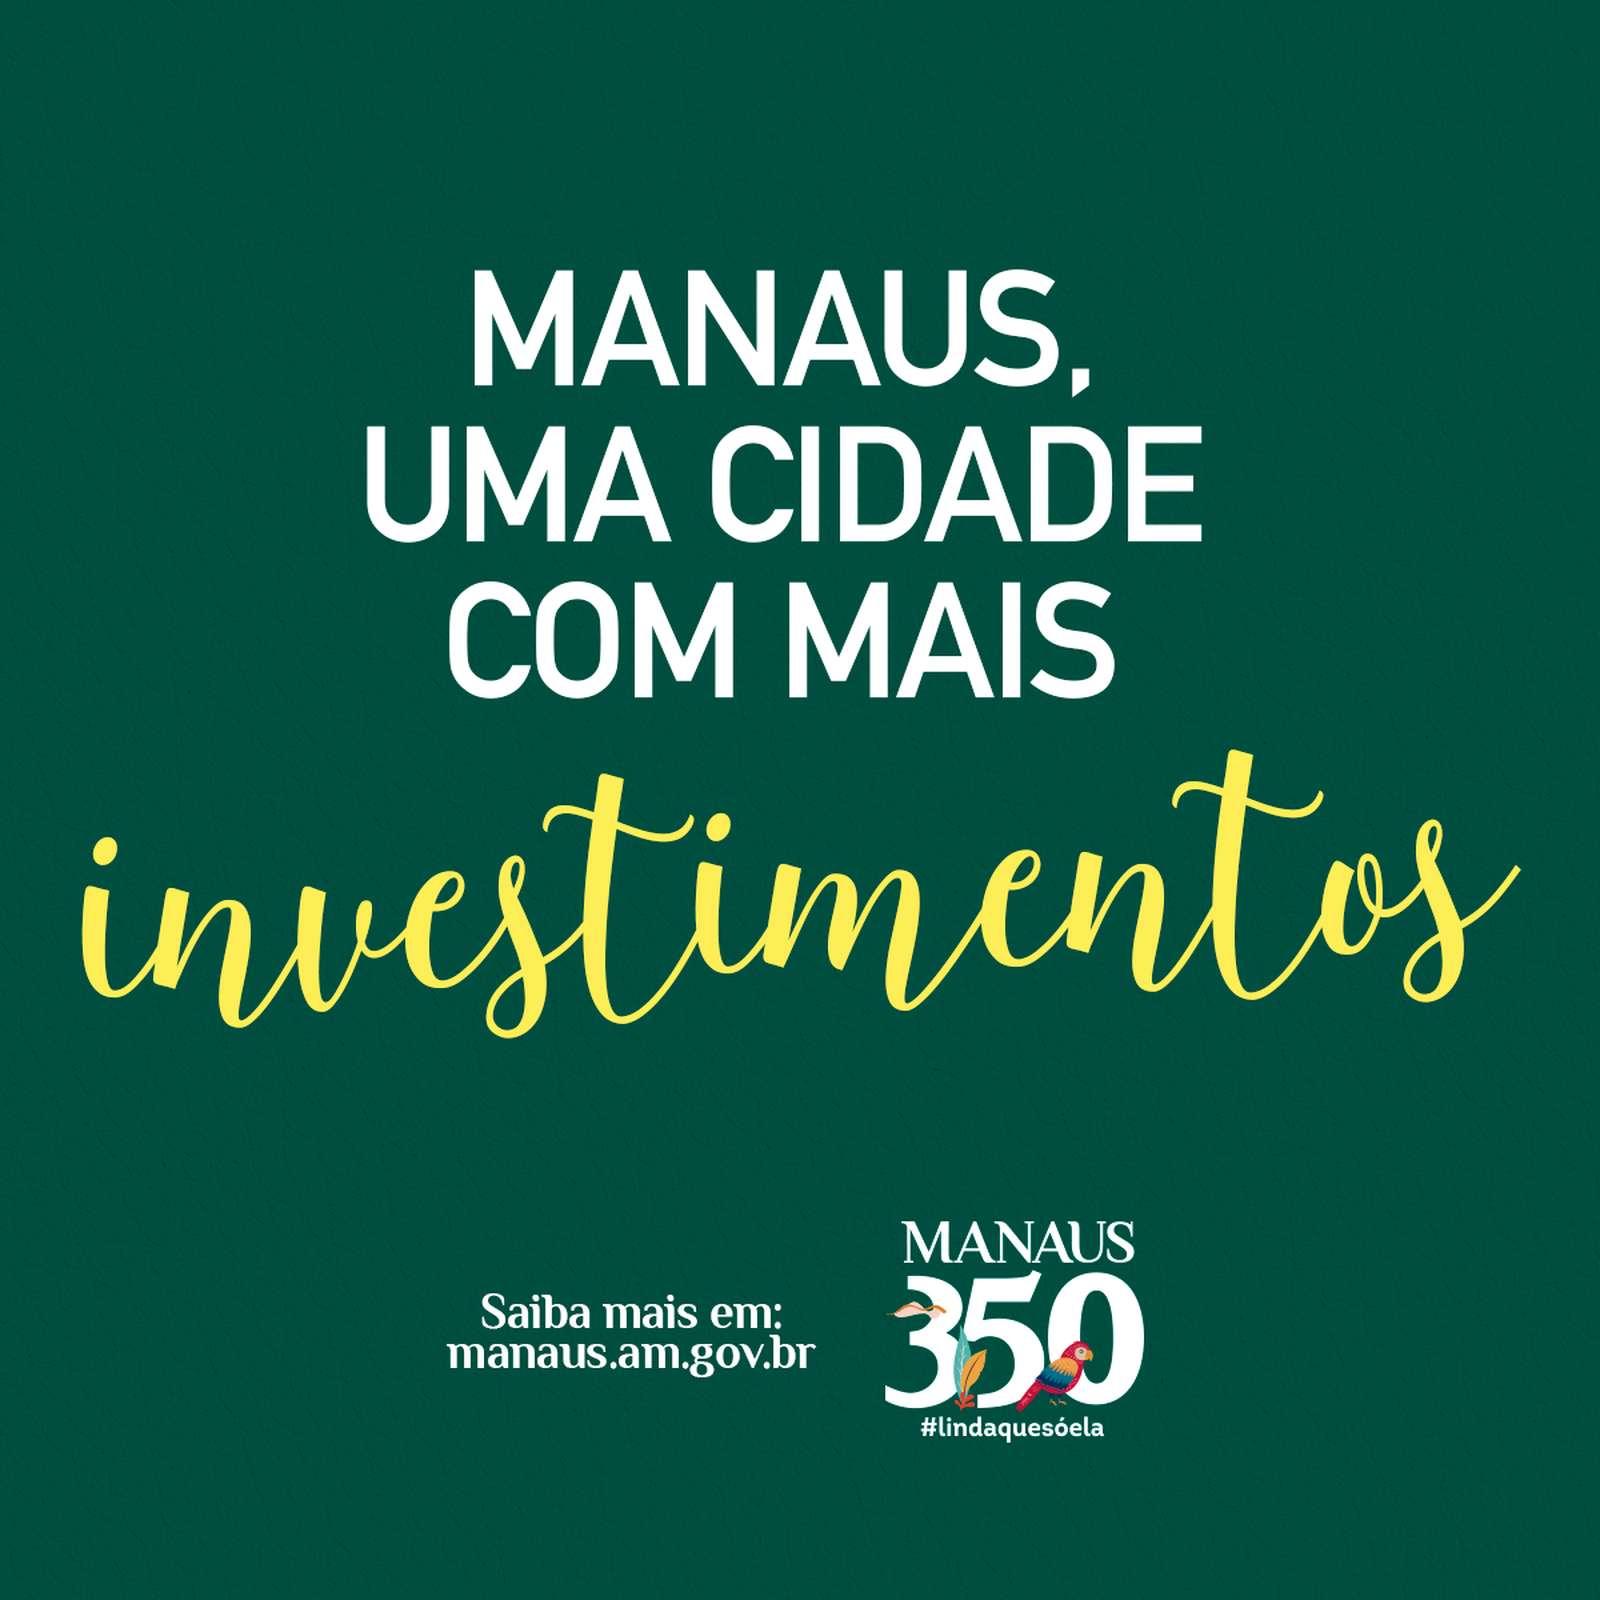 Manaus Cidade Melhor 2 E